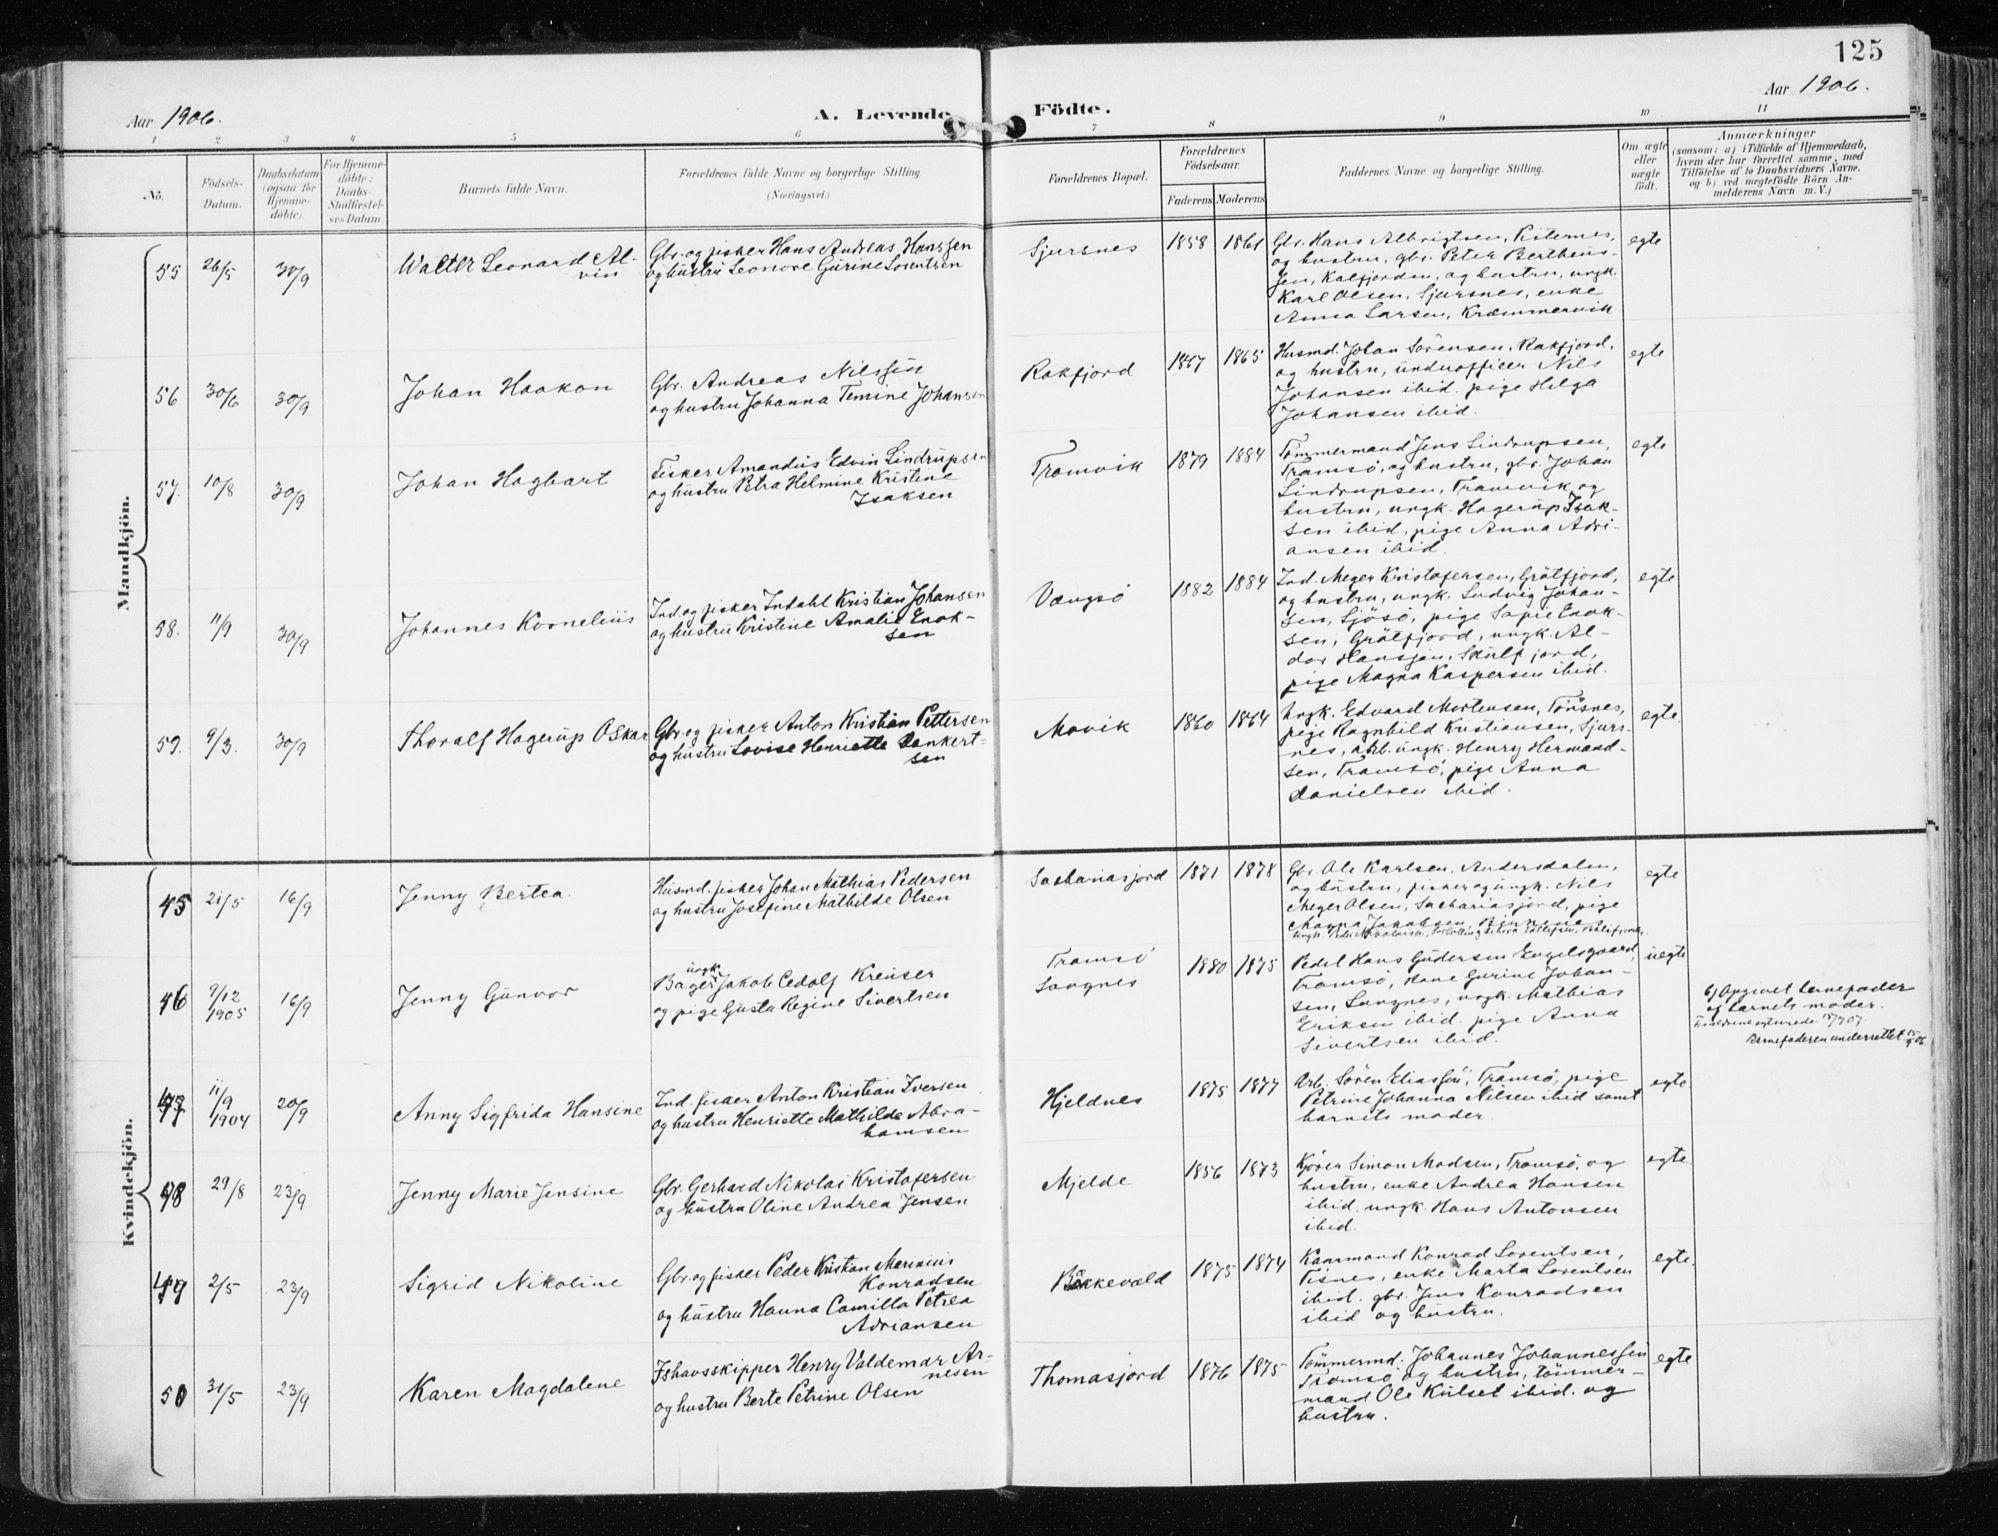 SATØ, Tromsøysund sokneprestkontor, G/Ga/L0006kirke: Ministerialbok nr. 6, 1897-1906, s. 125